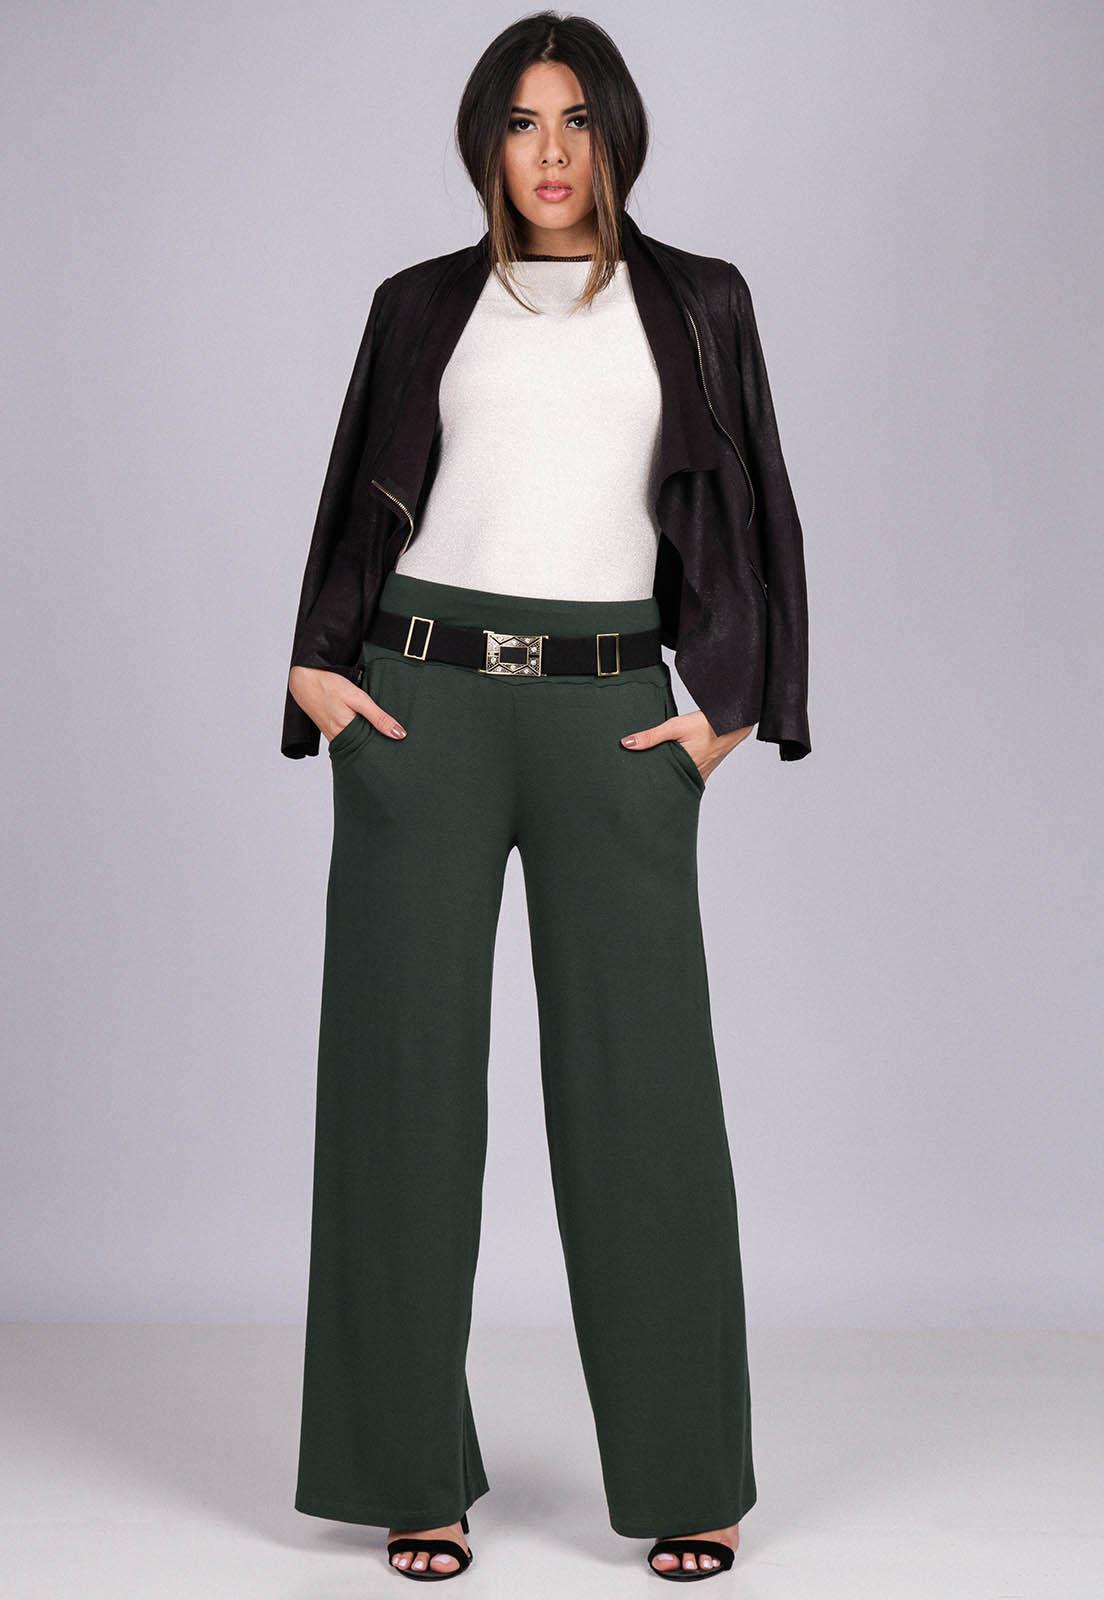 Calça Reta Pantalona Malha com Bolso Verde Musgo